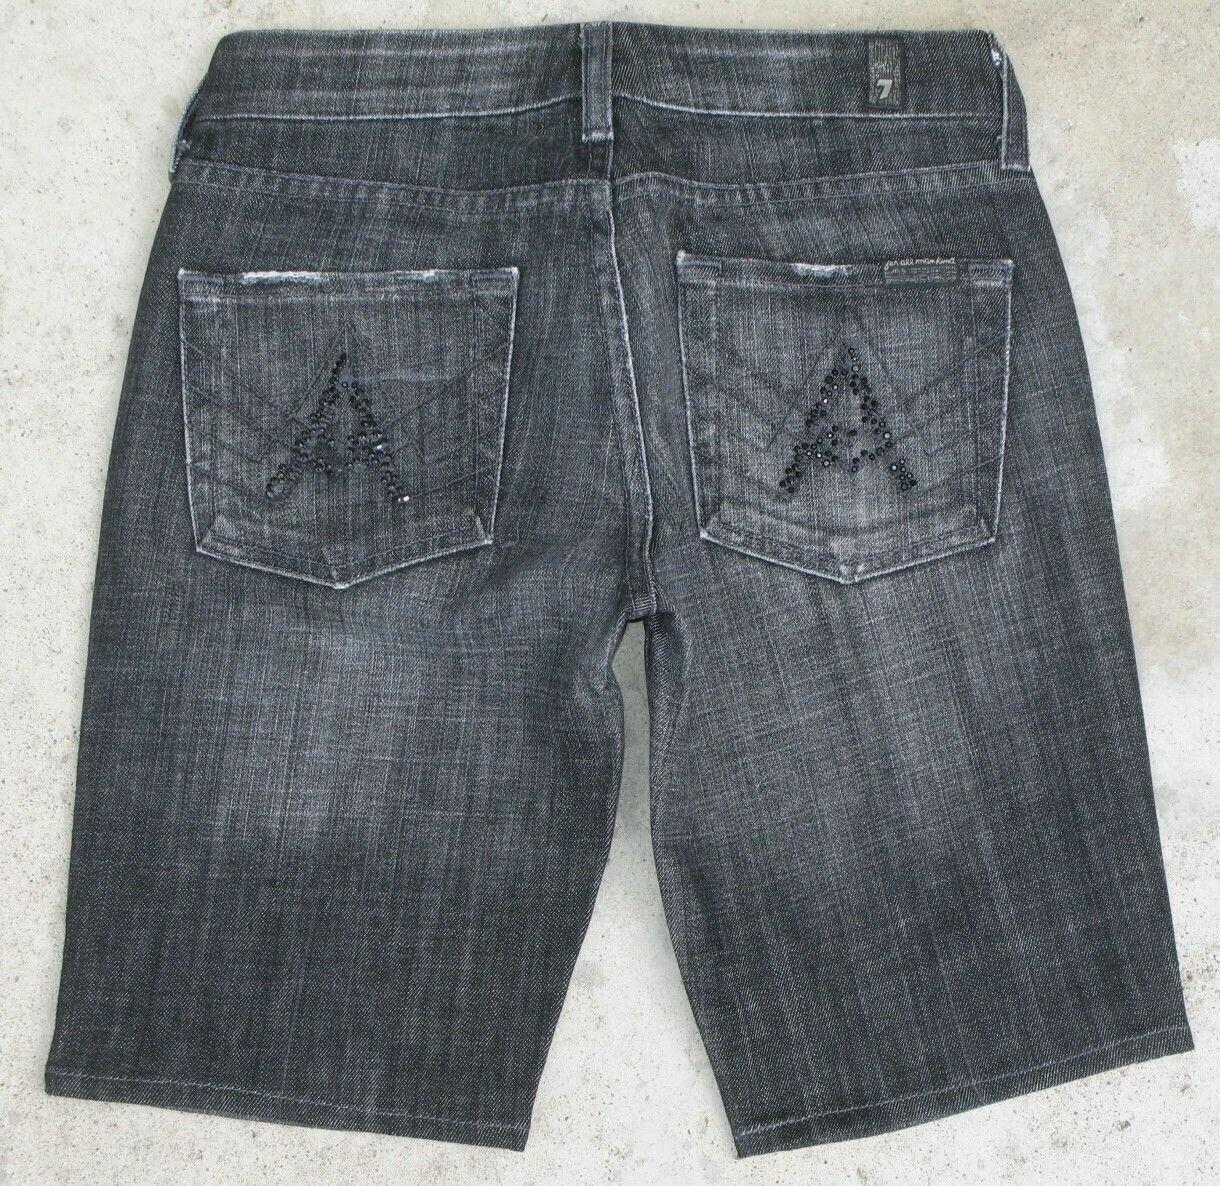 7 For All Mankind eine Tasche Denim Schaumlöffel Shorts Damen Sz 25 Schwarz